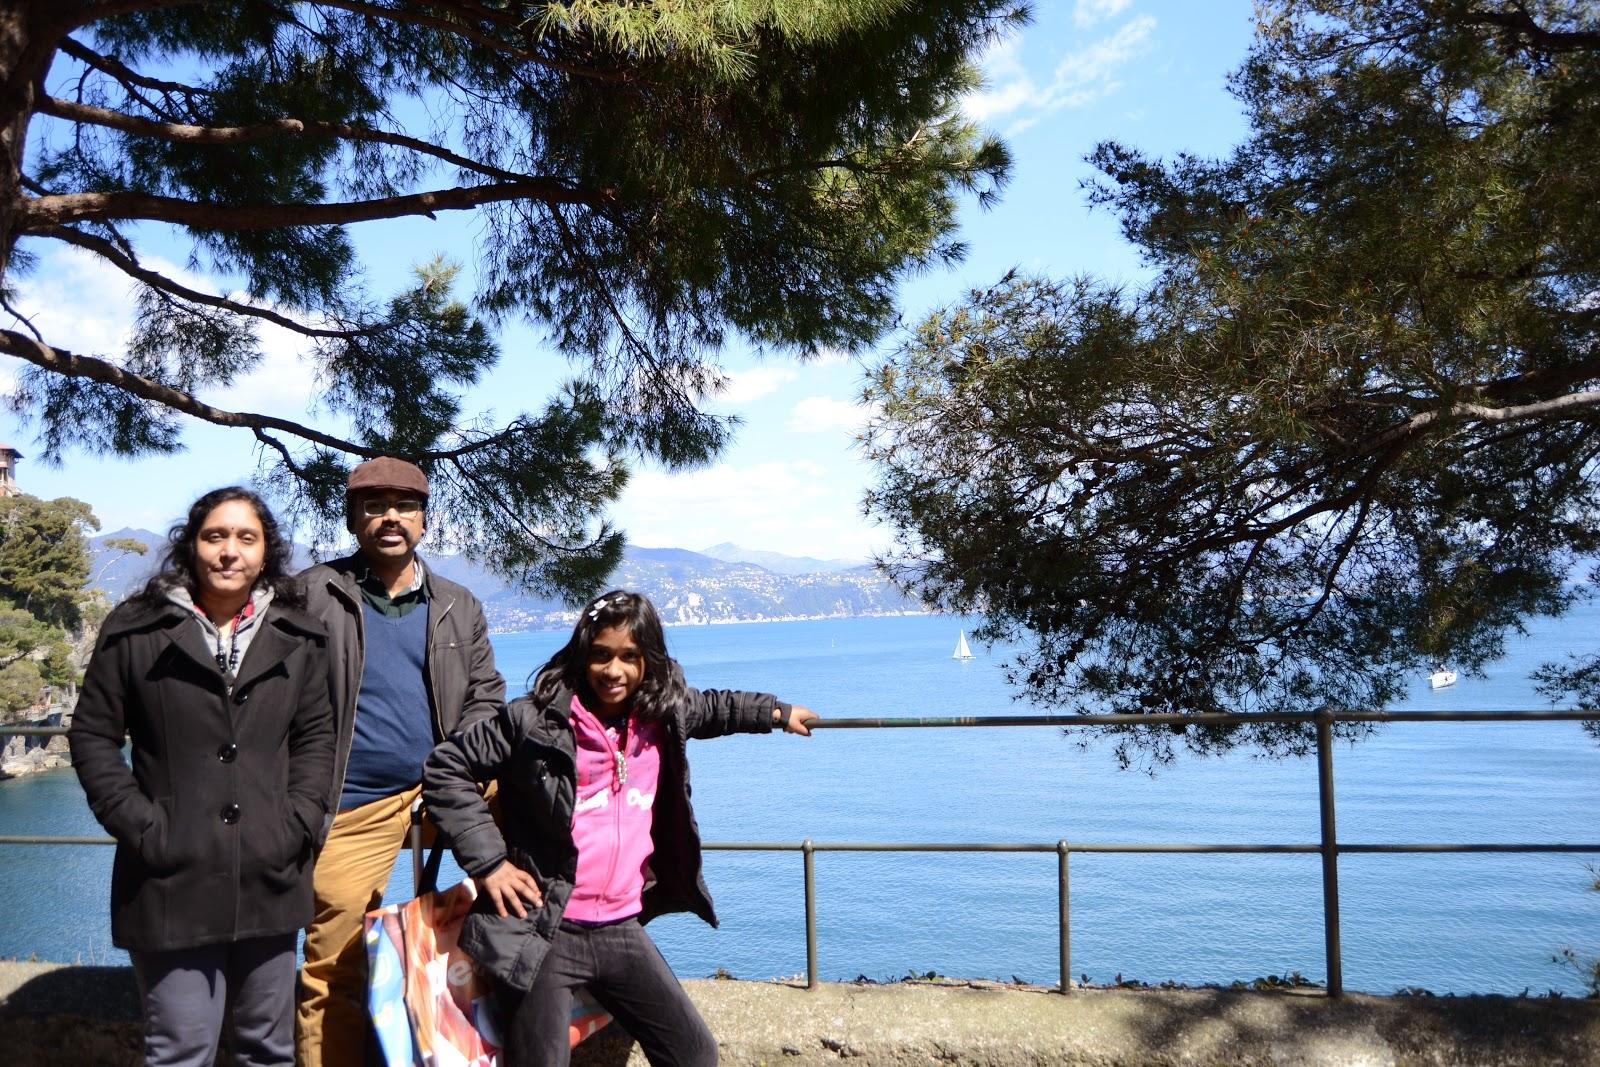 A family picture @ Portofino